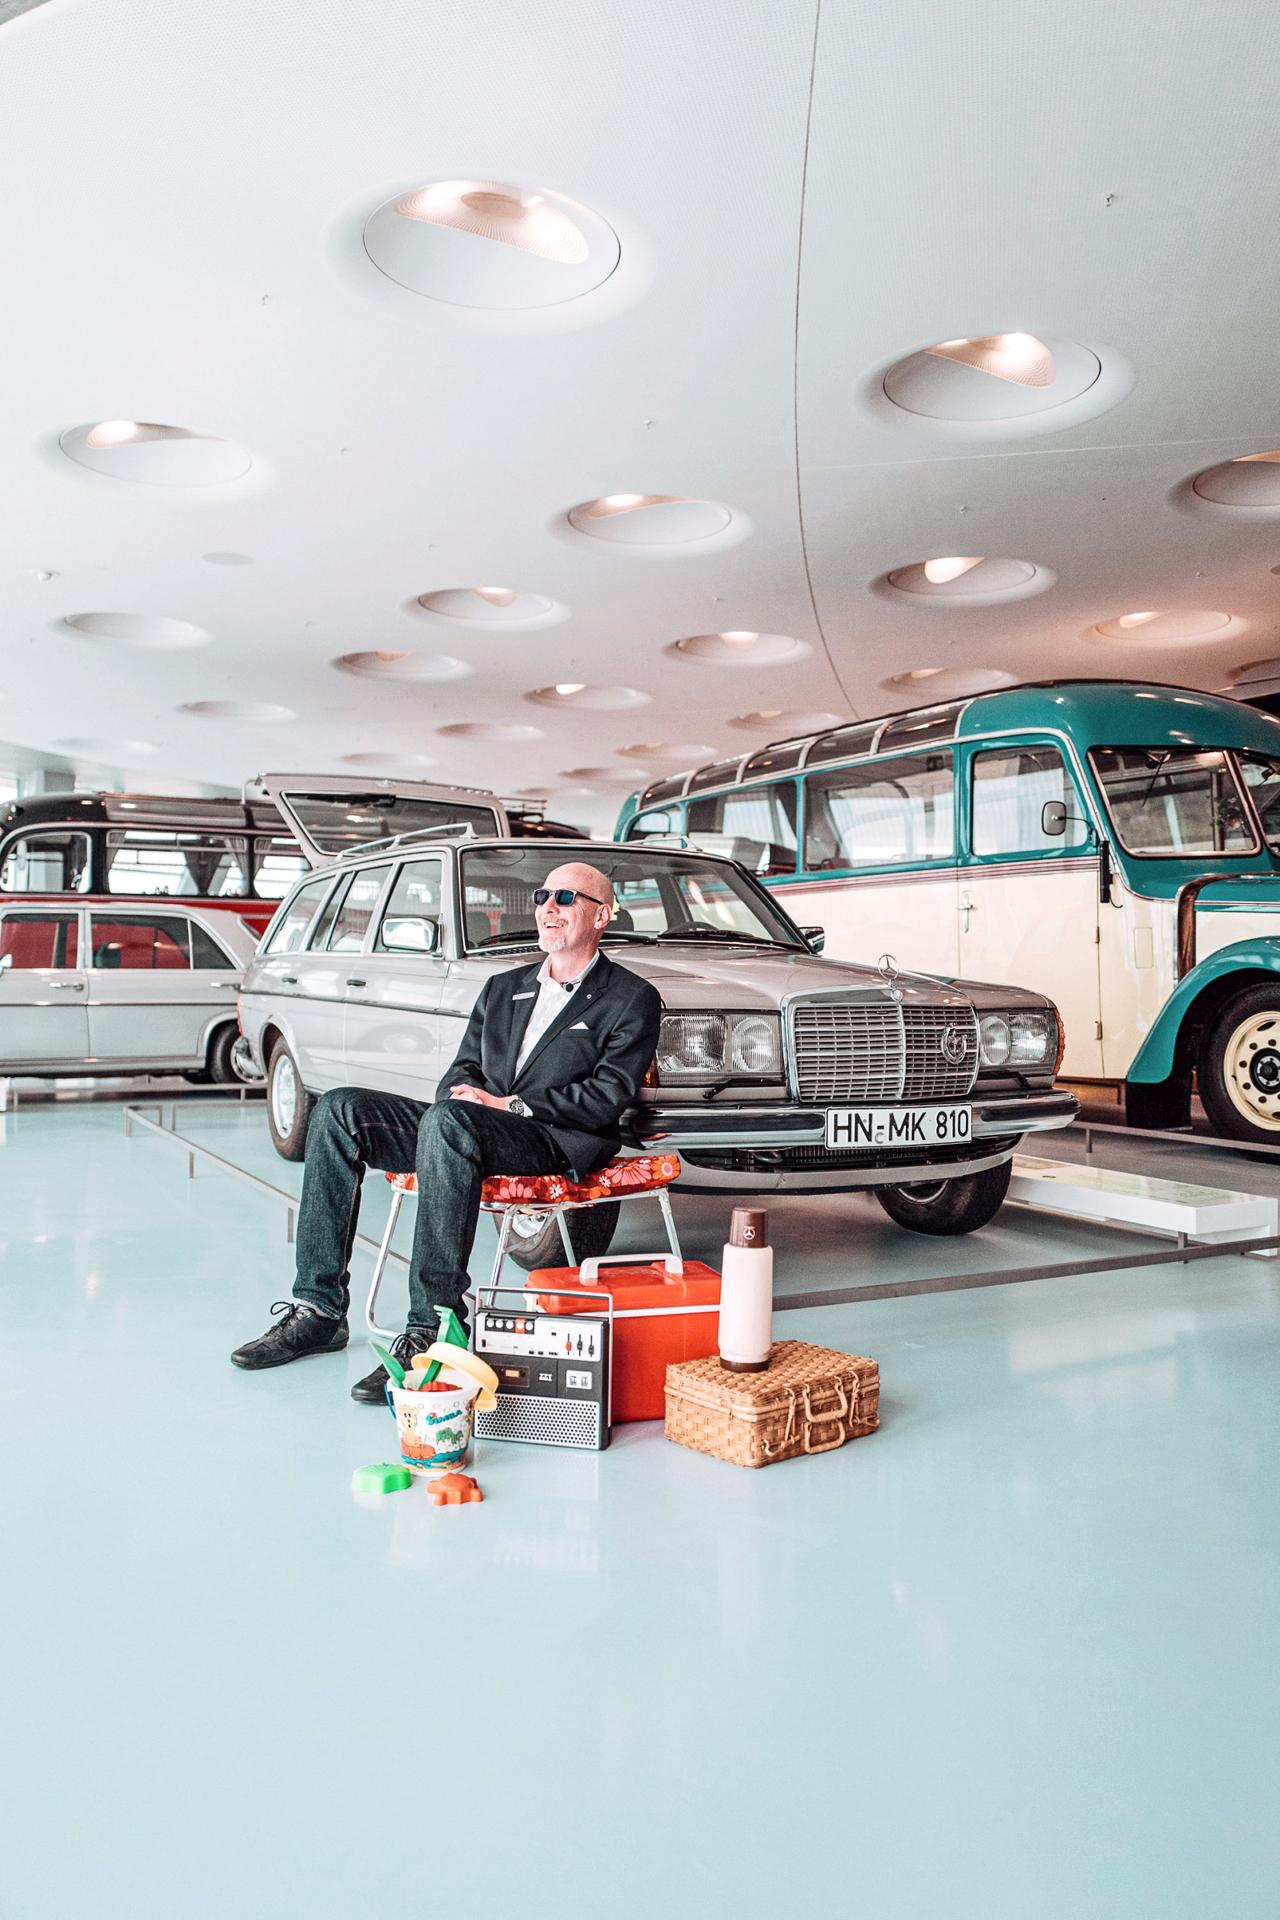 Virtuell durchs Mercedes-Benz Museum? Das Museum bietet über die Webseite und Social Media umfangreiche Möglichkeiten, die Dauerausstellung digital zu erkunden. Unter anderem mit Museumsguide Pádraic Ó Leanacháin, hier am Mercedes-Benz 300 TD im Raum Collection 1 – Galerie der Reisen